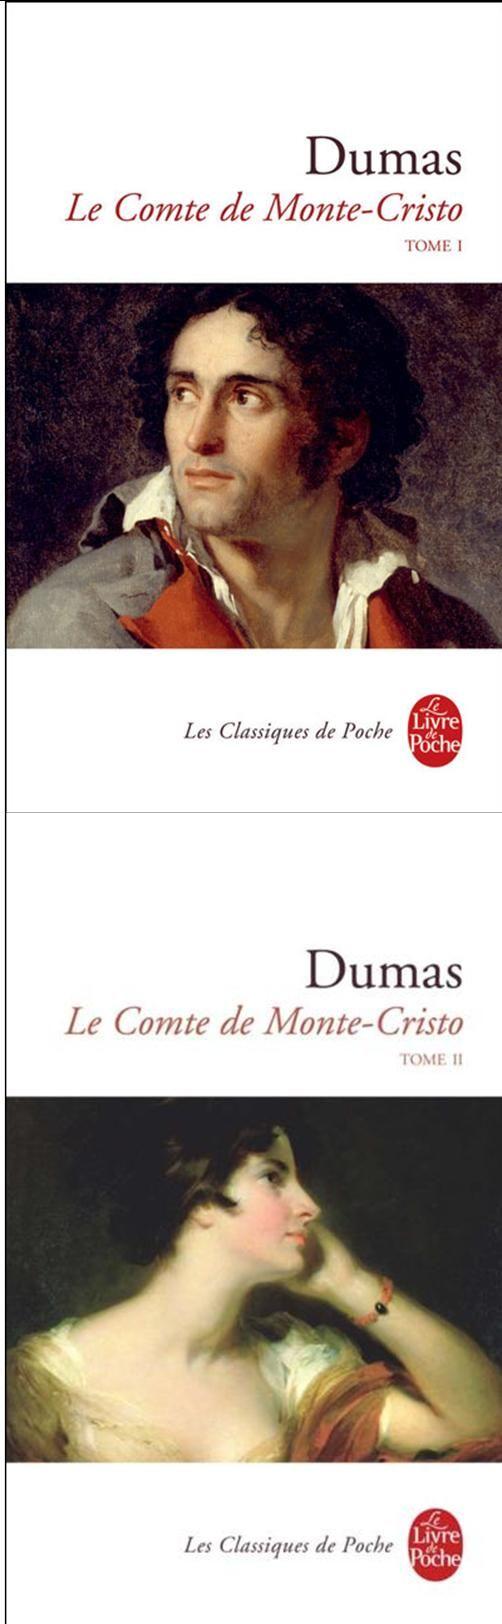 Le jour même de ses noces, en 1815, Edmond Dantès, faussement accusé de bonapartisme, est emprisonné sur une île au large de Marseille. Près de quinze années plus tard, que reste-t-il à ce forçat que d'attendre et d'espérer ? Pendant sa détention inhumaine, un compagnon d'infortune, l'abbé Faria, a cependant fait de lui un homme du monde, instruit et érudit. En lui dévoilant son secret, il lui assurera en outre une…